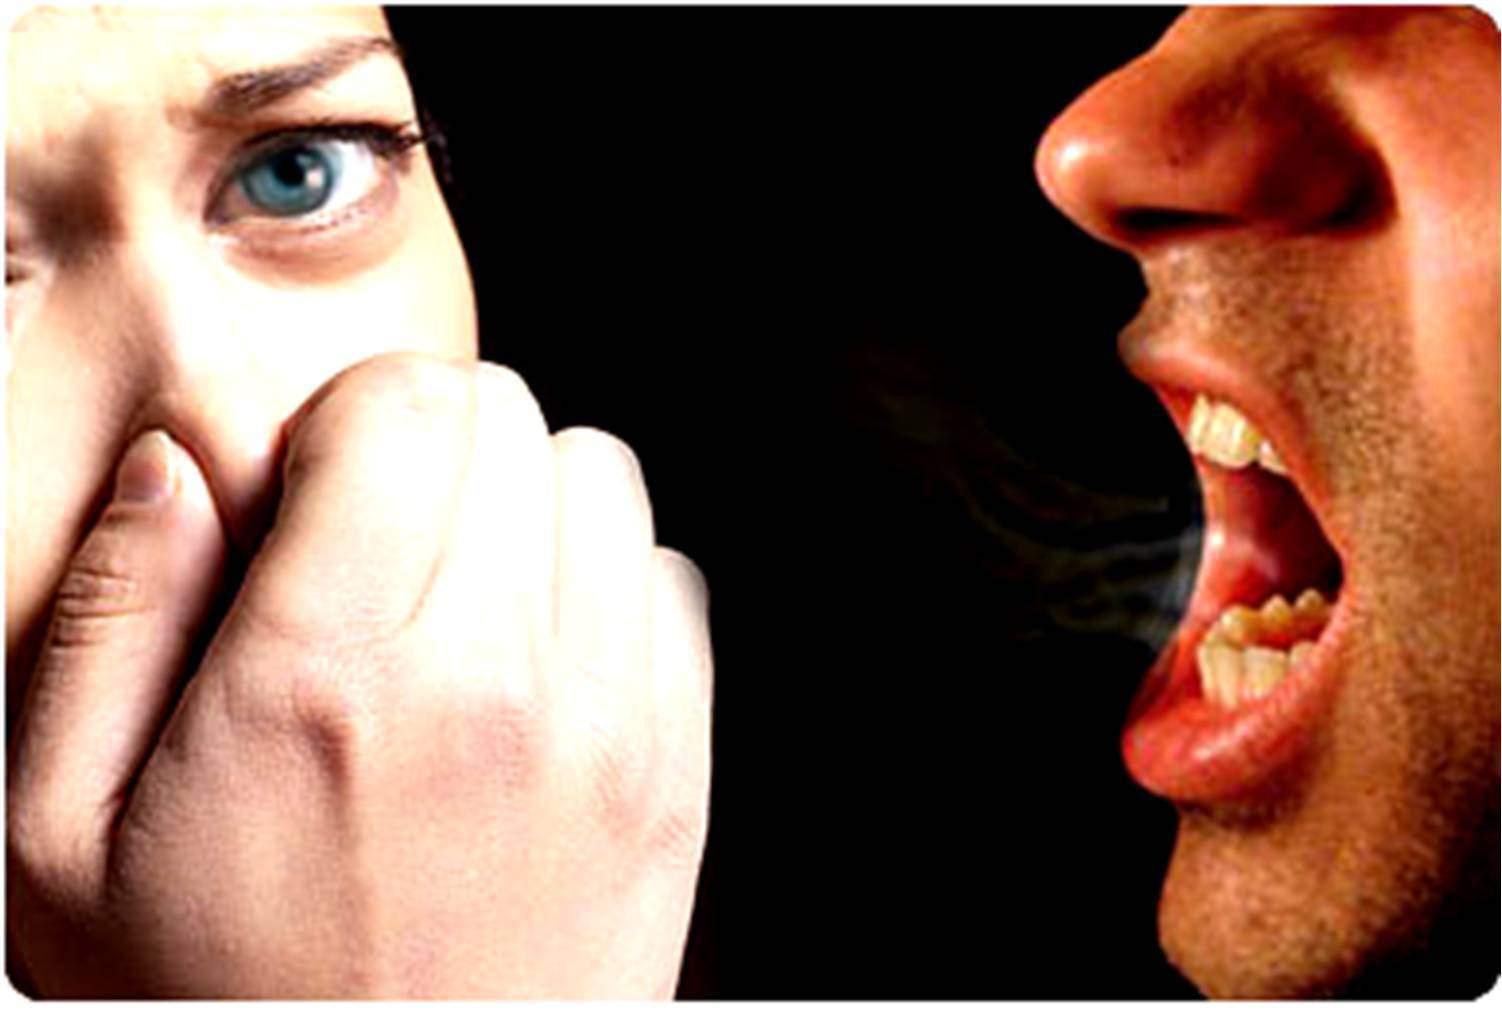 علاجات طبيعية للتخلص من رائحة الفم الكريهة